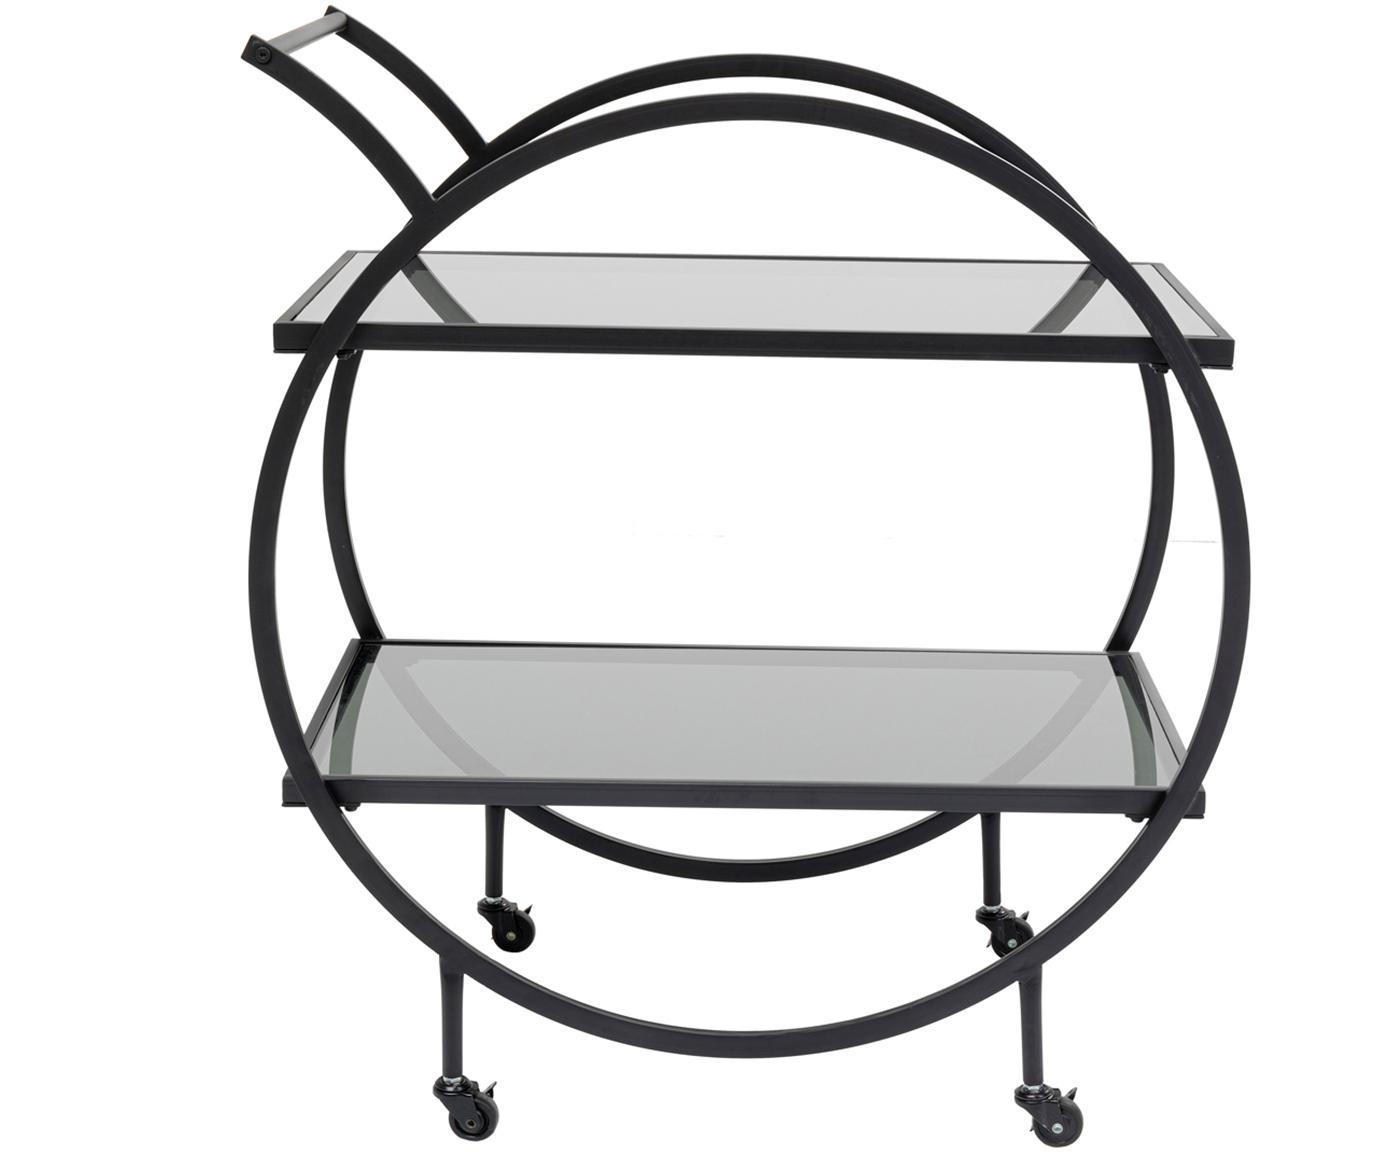 Camarera Loft, Estructura: metal, recubierto en polv, Bandejas: vidrio laminado tintado, Negro, An 74 x Al 85 cm